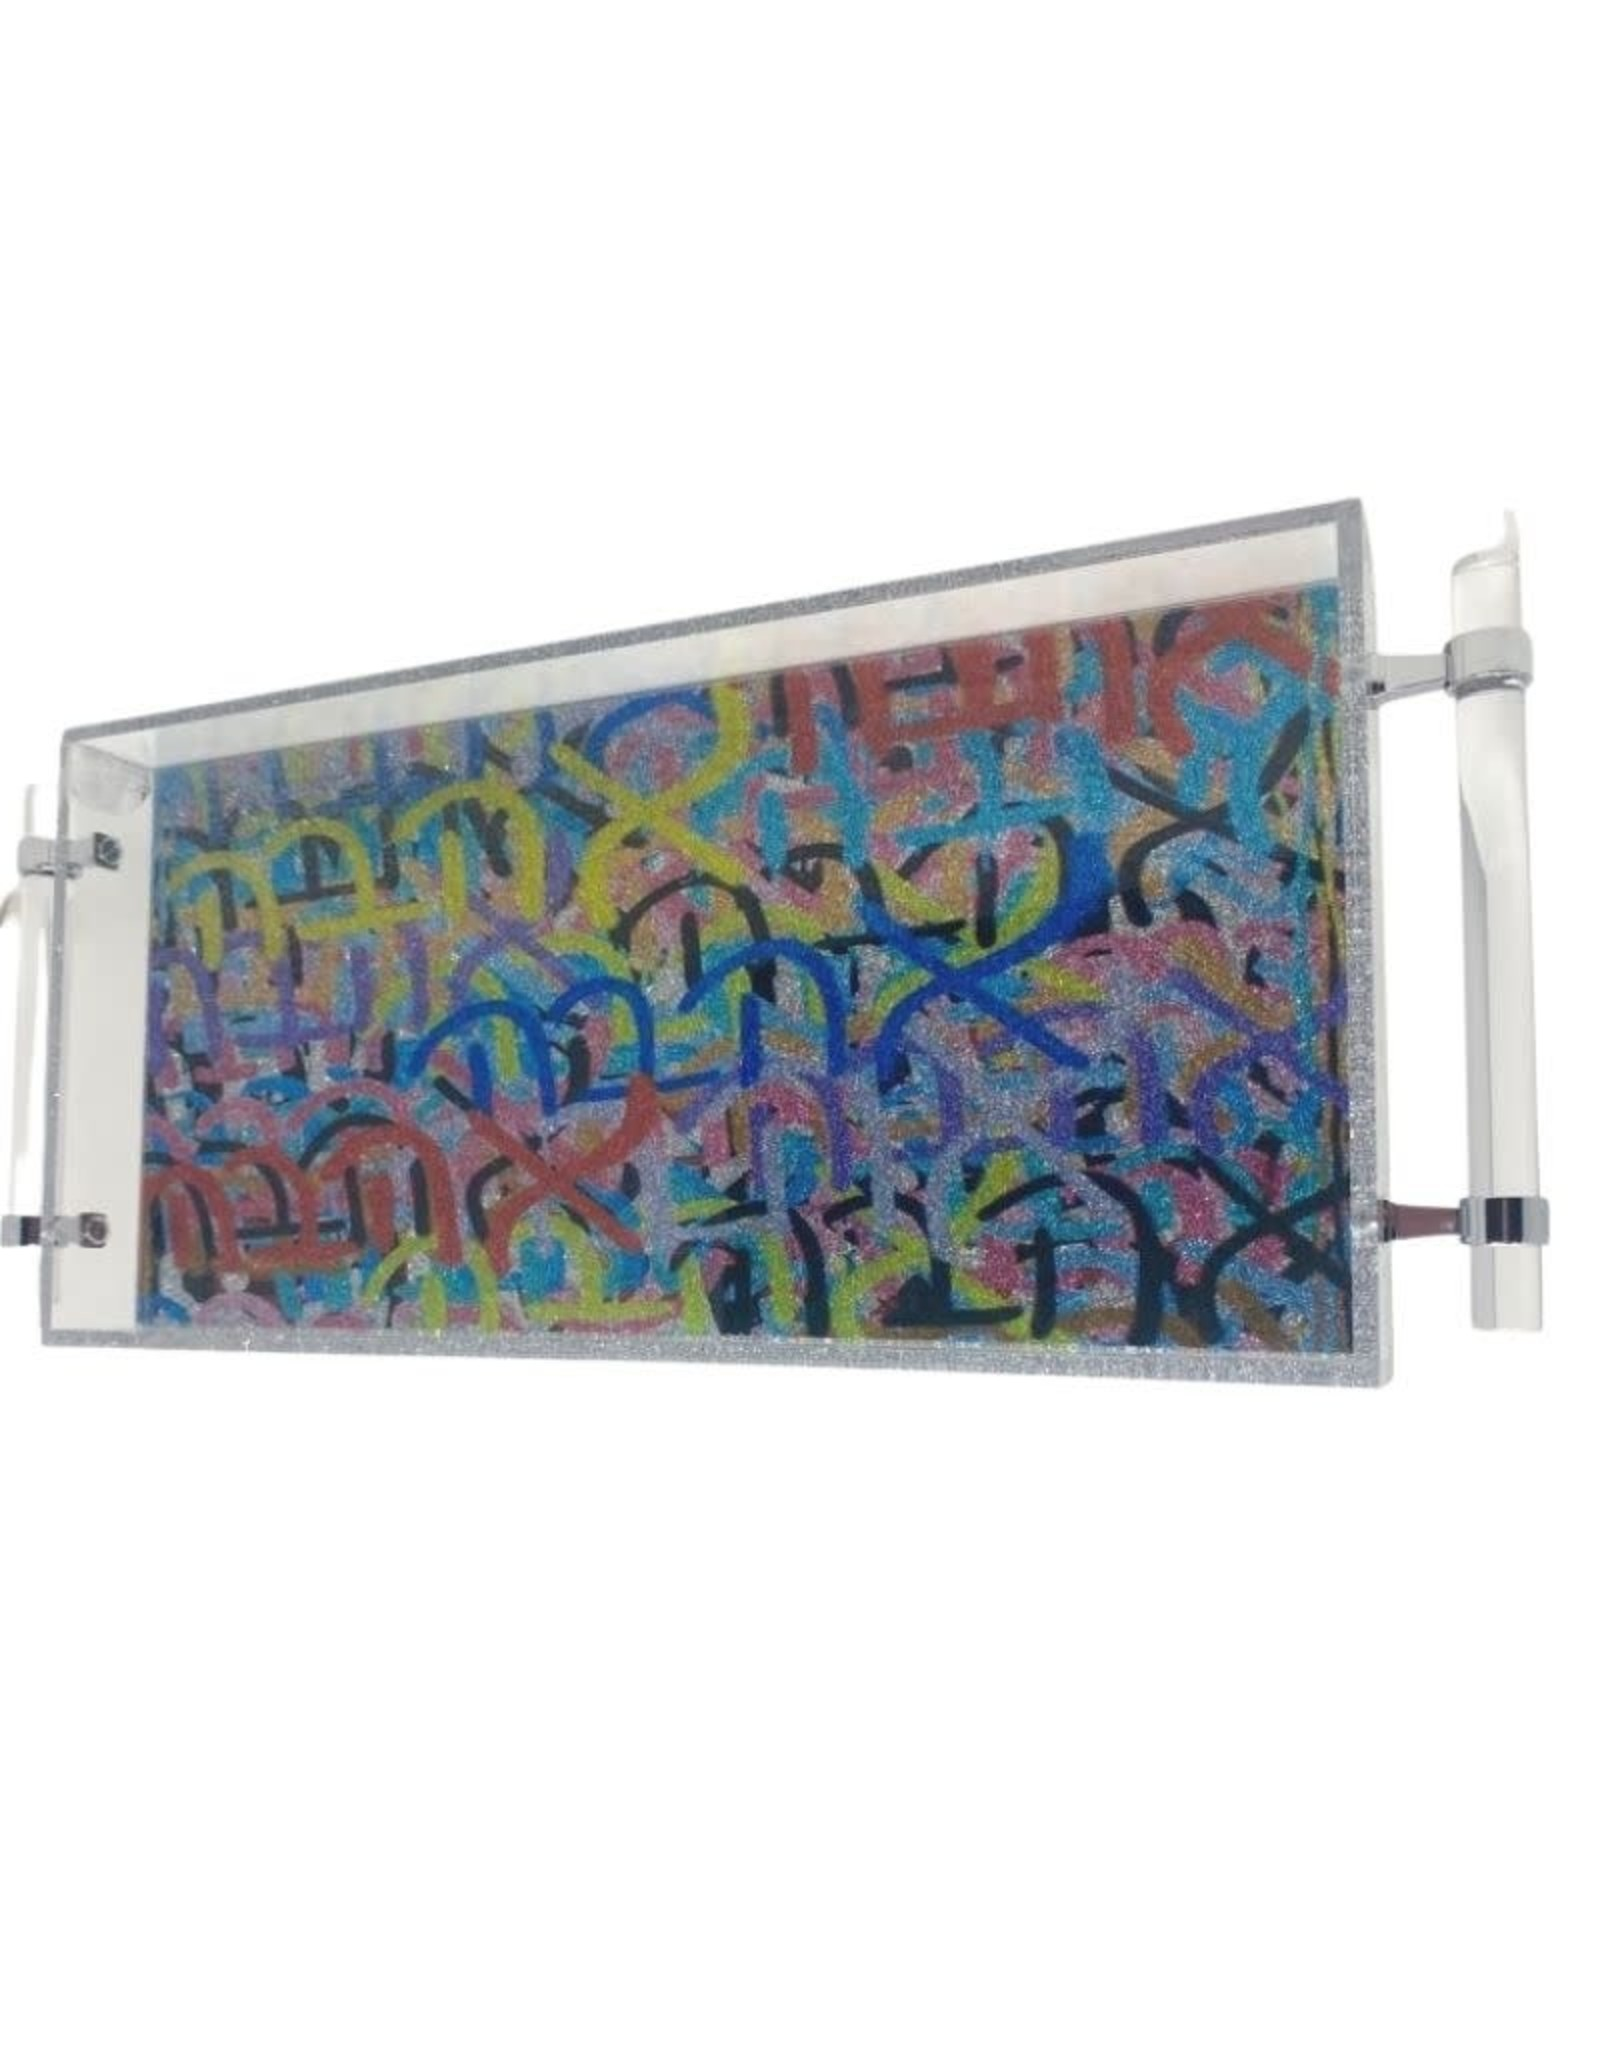 Acrylic 8x16 Tray with Handles- Ahava